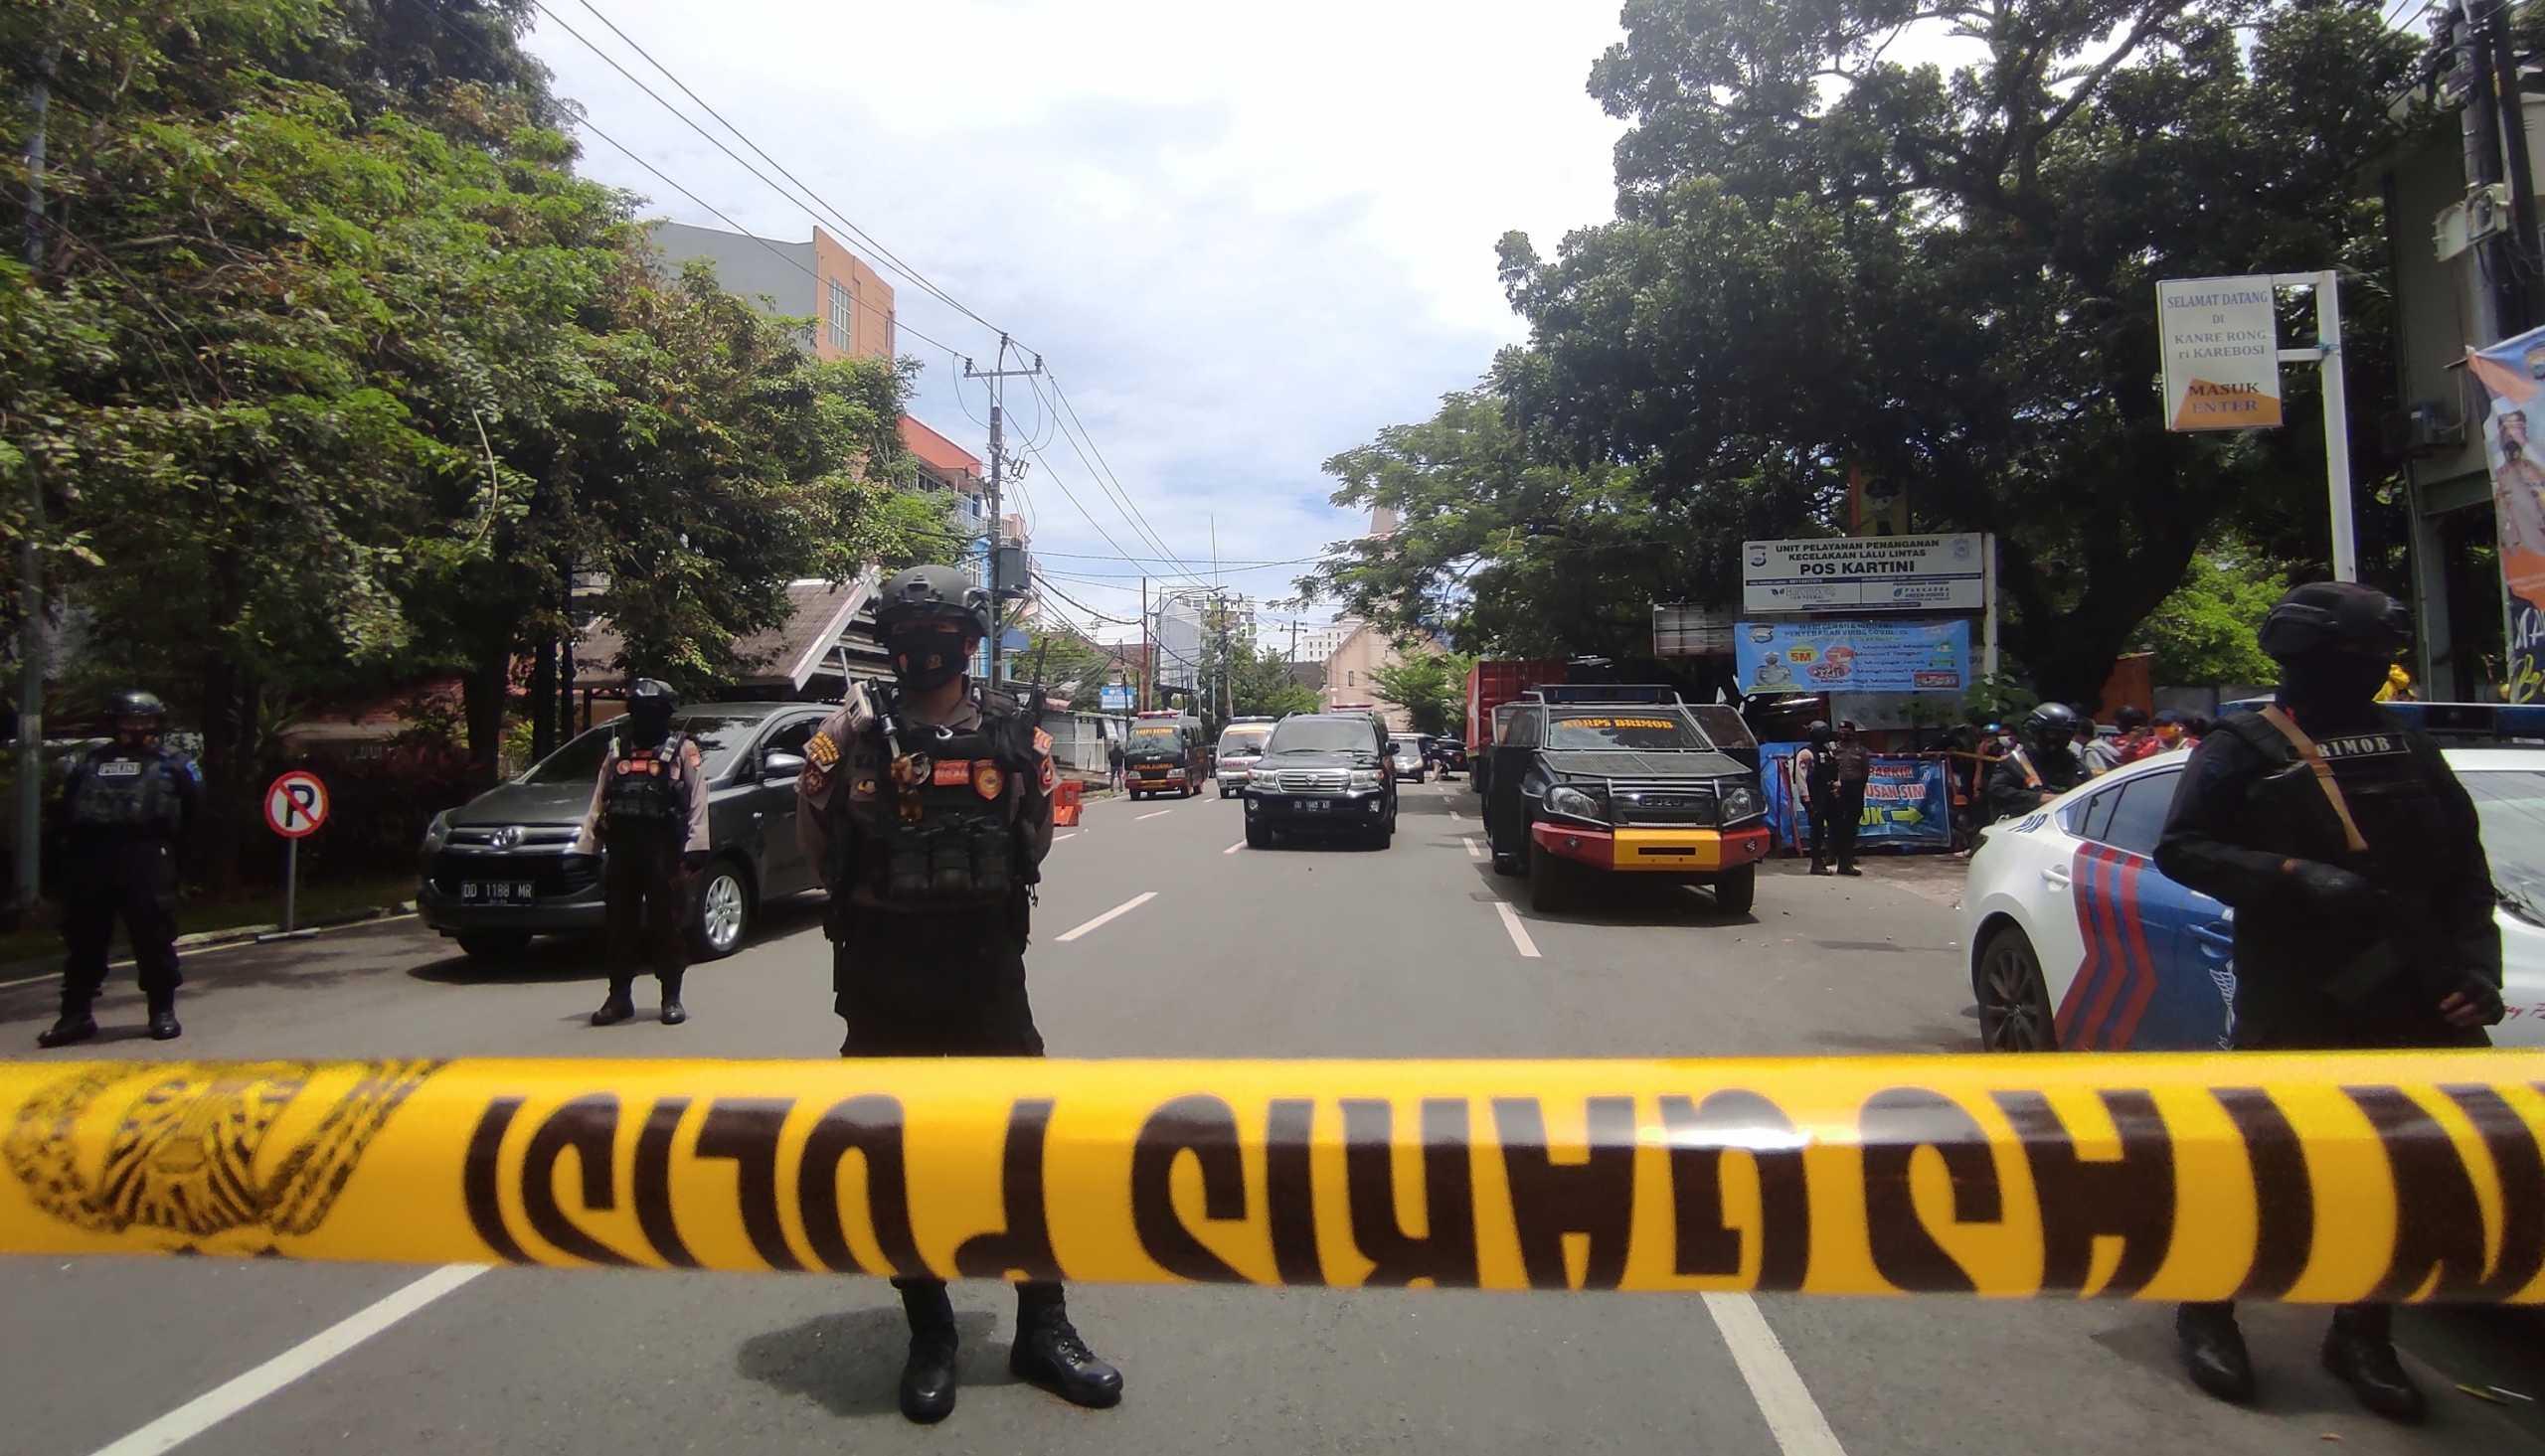 Ινδονησία: Ταυτοποιήθηκε ένας από τους δράστες της βομβιστικής επίθεσης σε εκκλησία